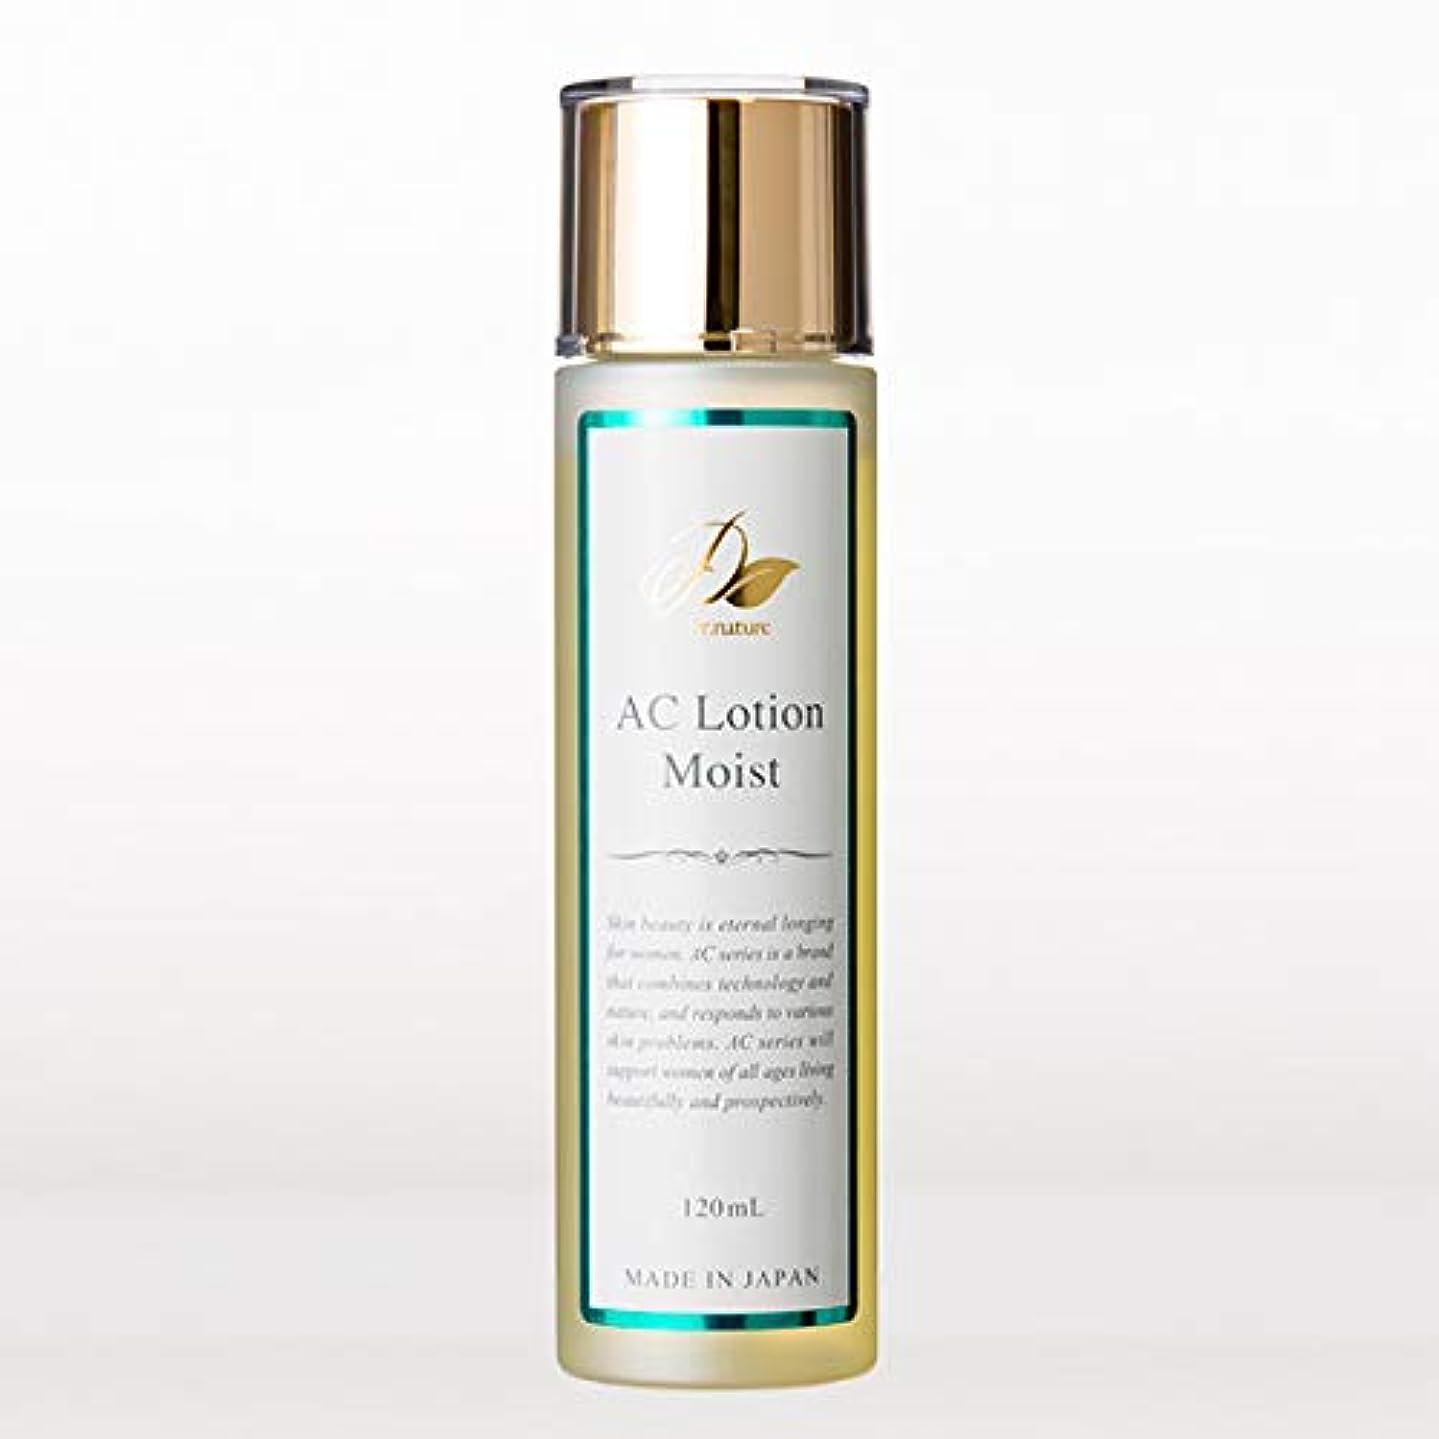 AC化粧水 Moist 120ml モイスト しっとりタイプ「肌荒れ Dr.natureドクターナチュレ ビタミンC誘導体 ターンオーバーの正常化」